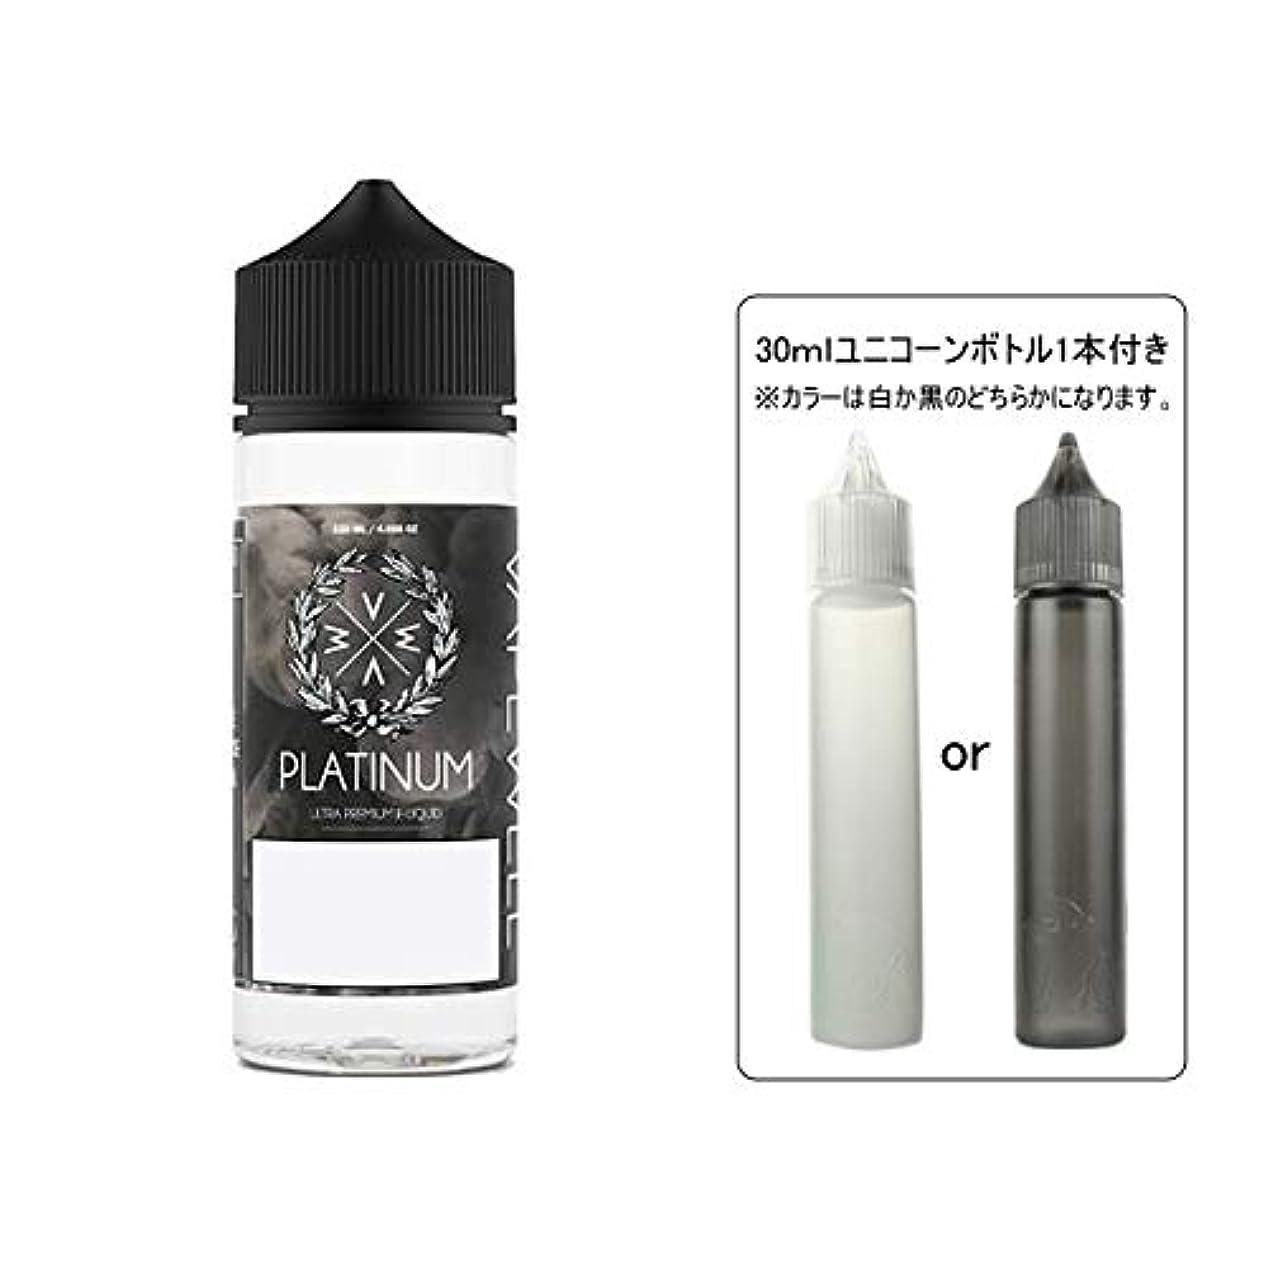 インキュバス偽保護PLATINUM 120ml【30mlユニコーンボトル1本付き】/ Vapewell Supply